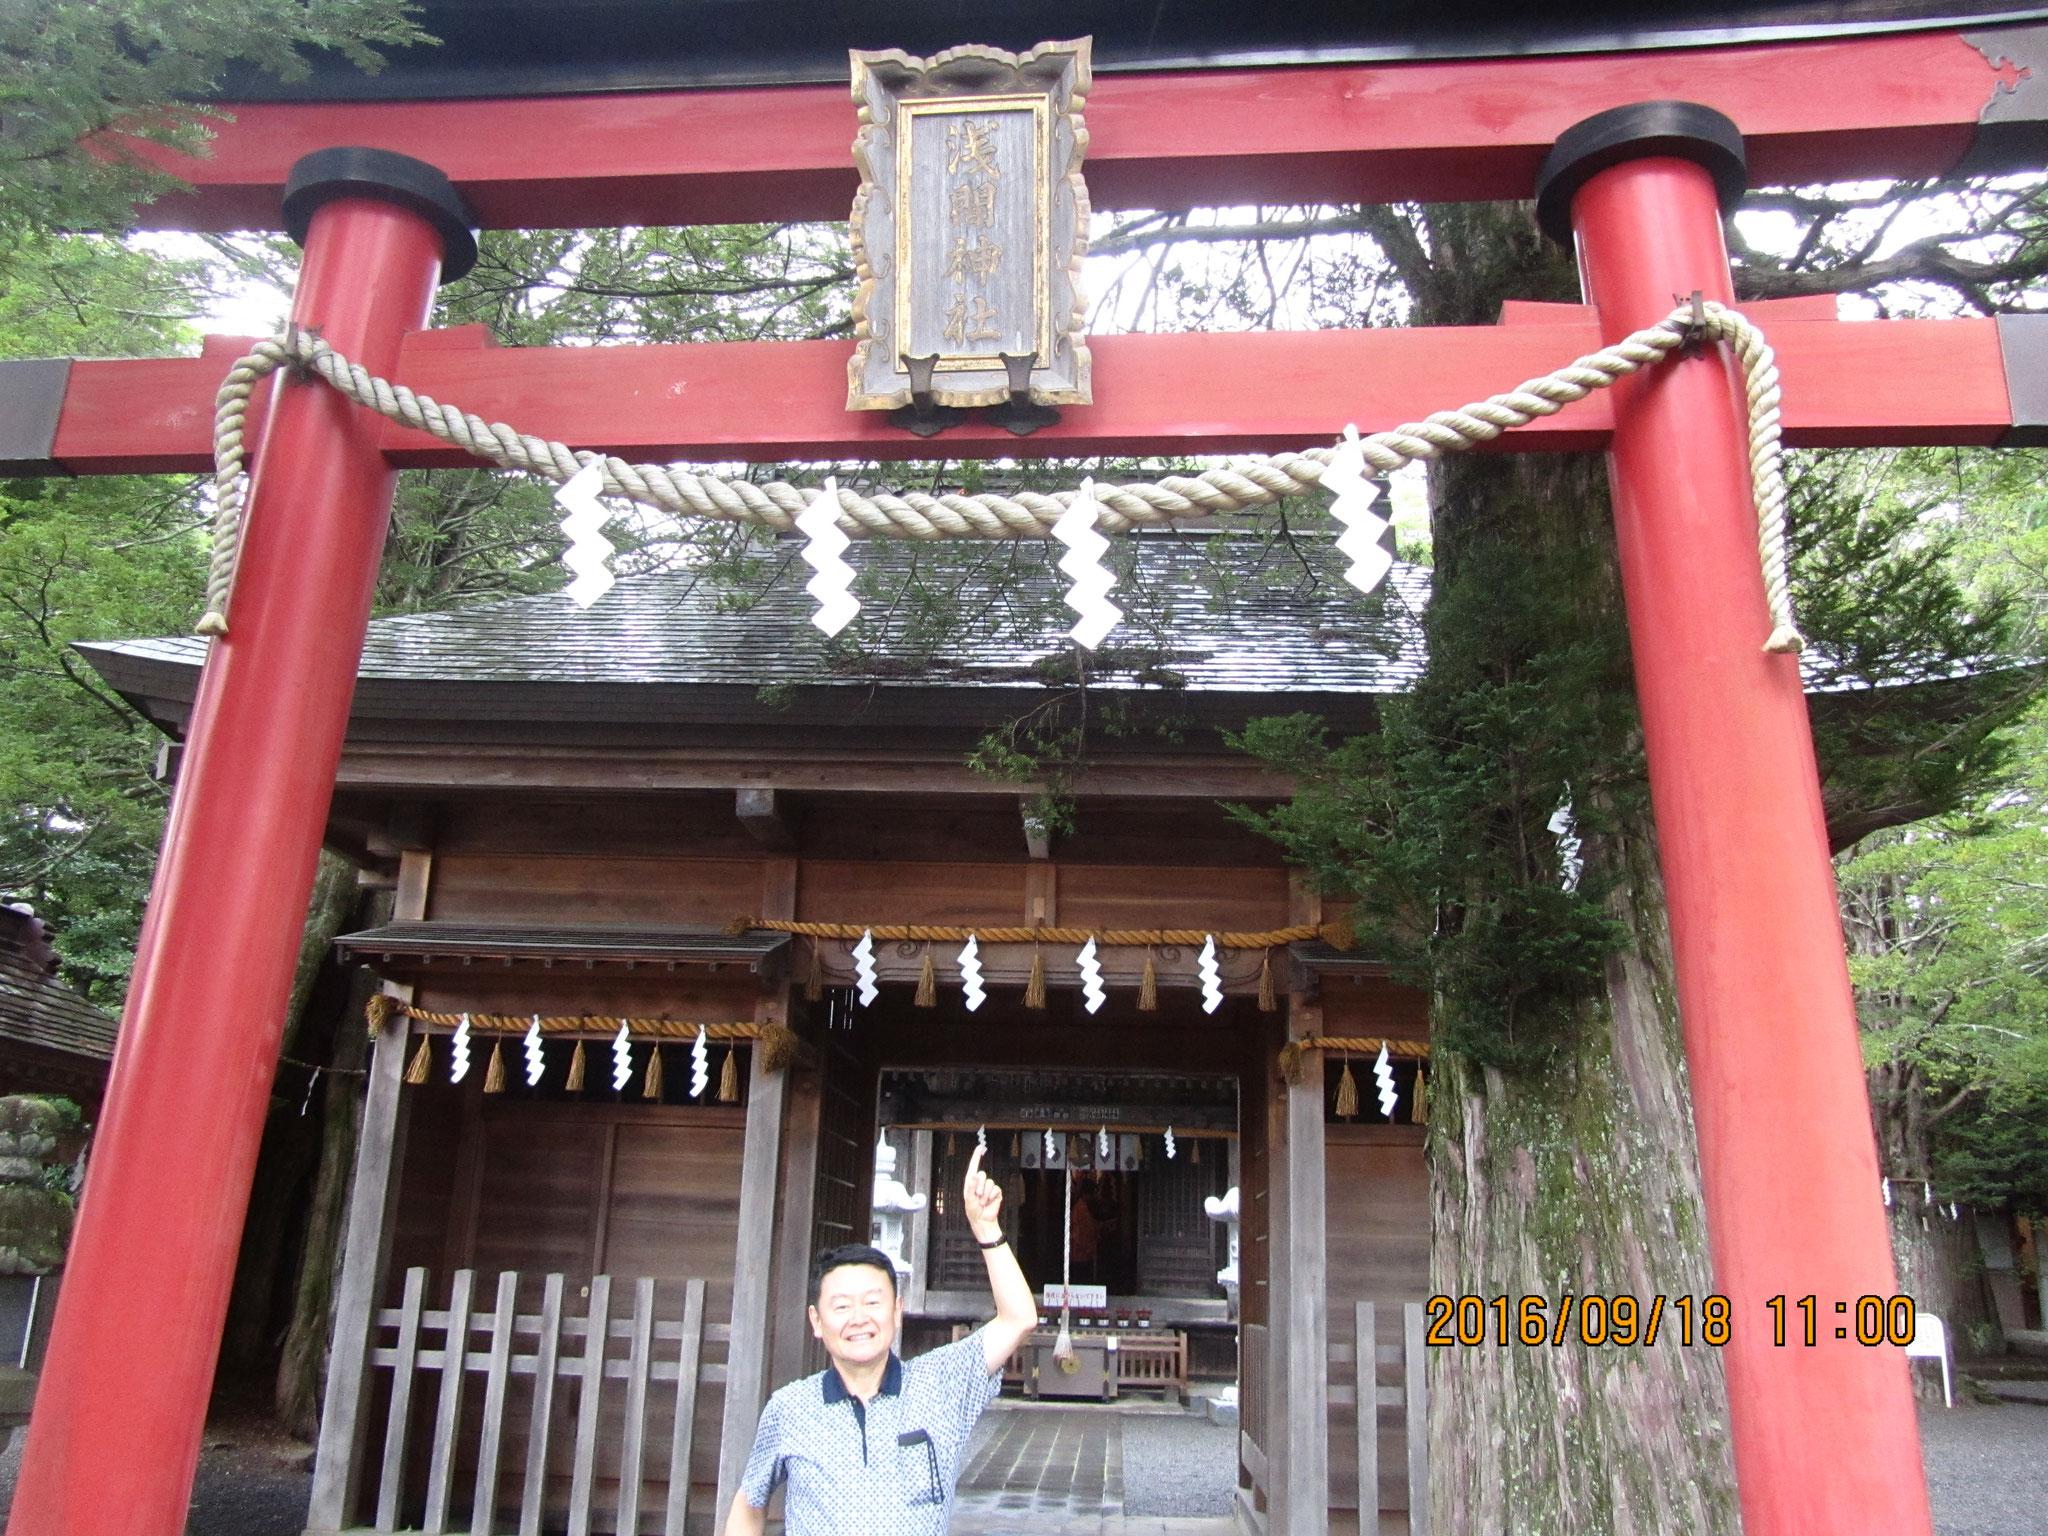 浅間(せんげん)神社。木花之咲耶姫命(このはなさくやひめのみこと)を祭ります。